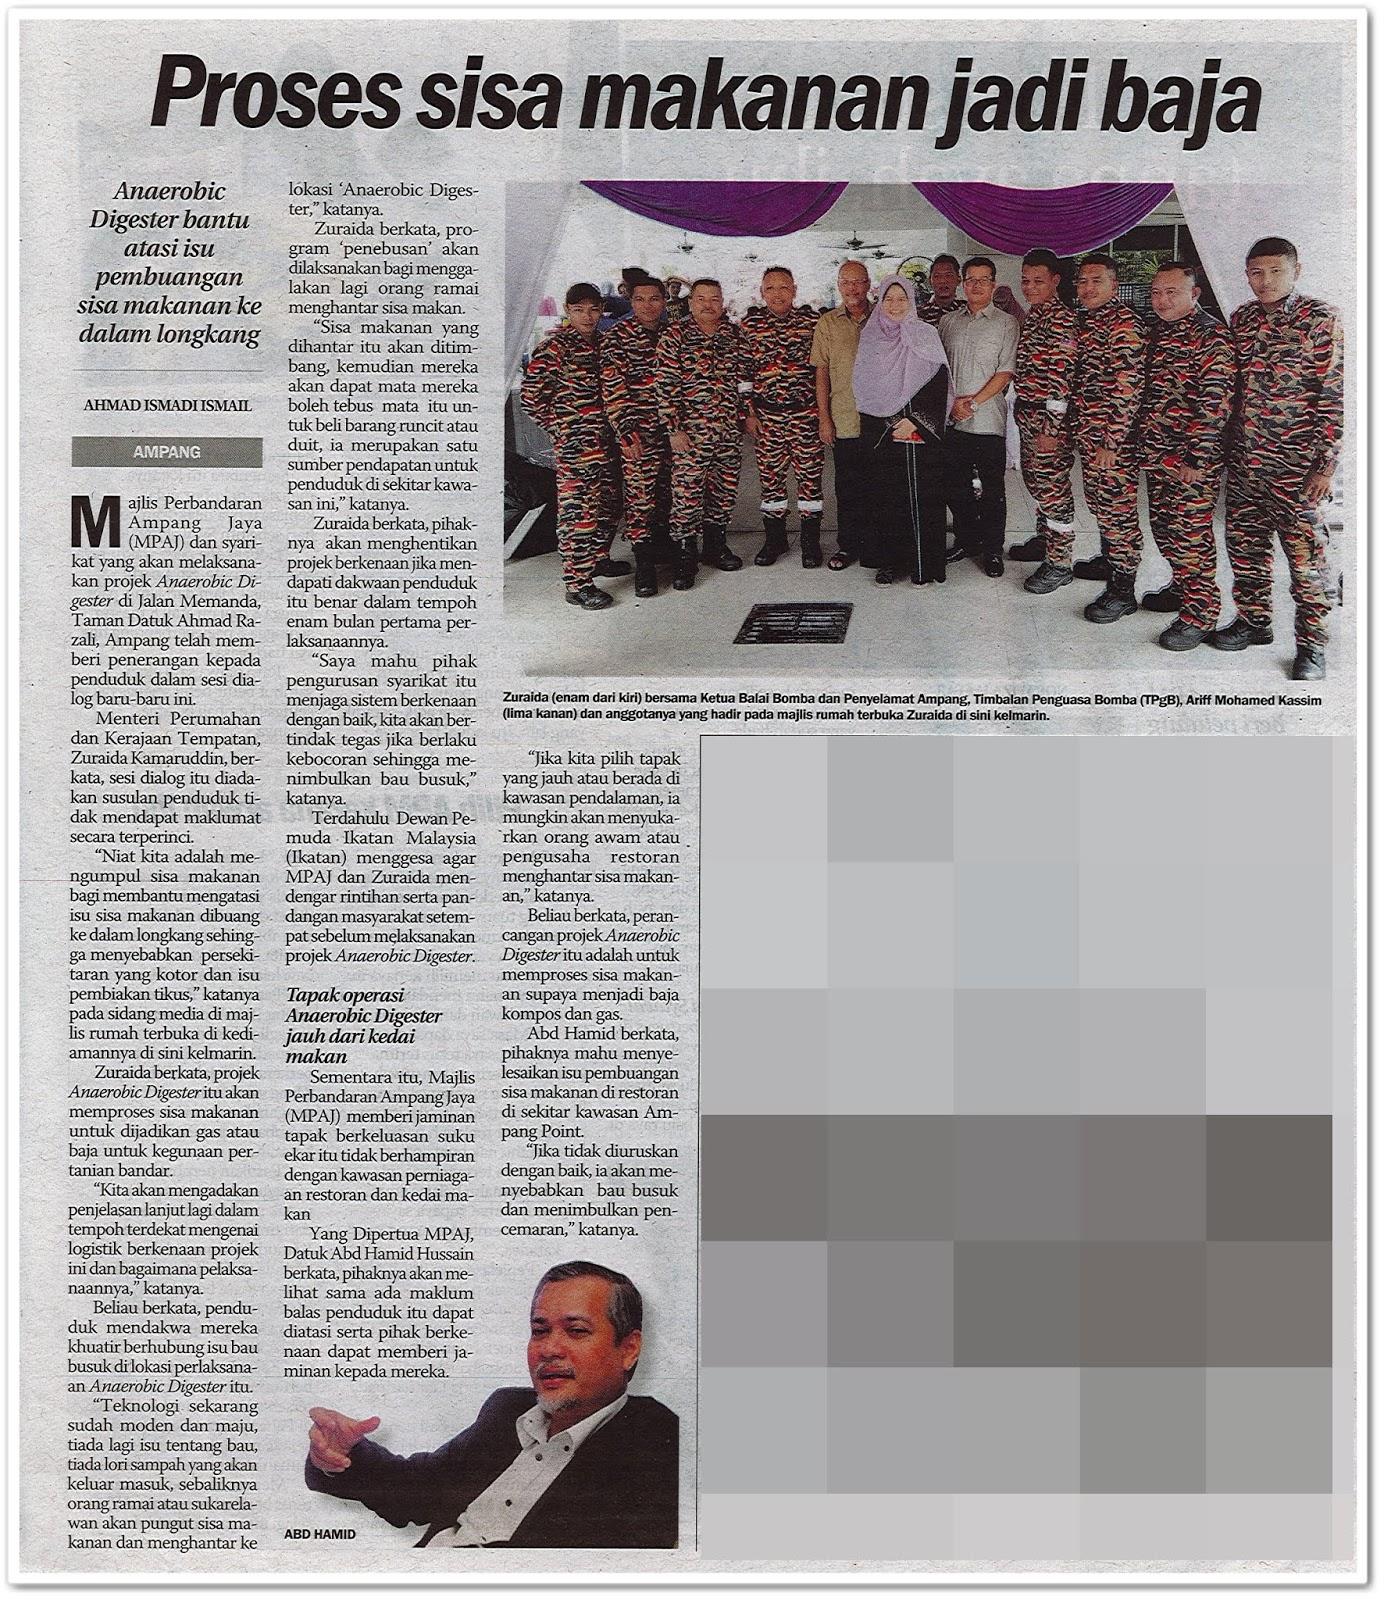 Proses sisa makanan jadi baja - Keratan akhbar Sinar Harian 8 Jun 2019